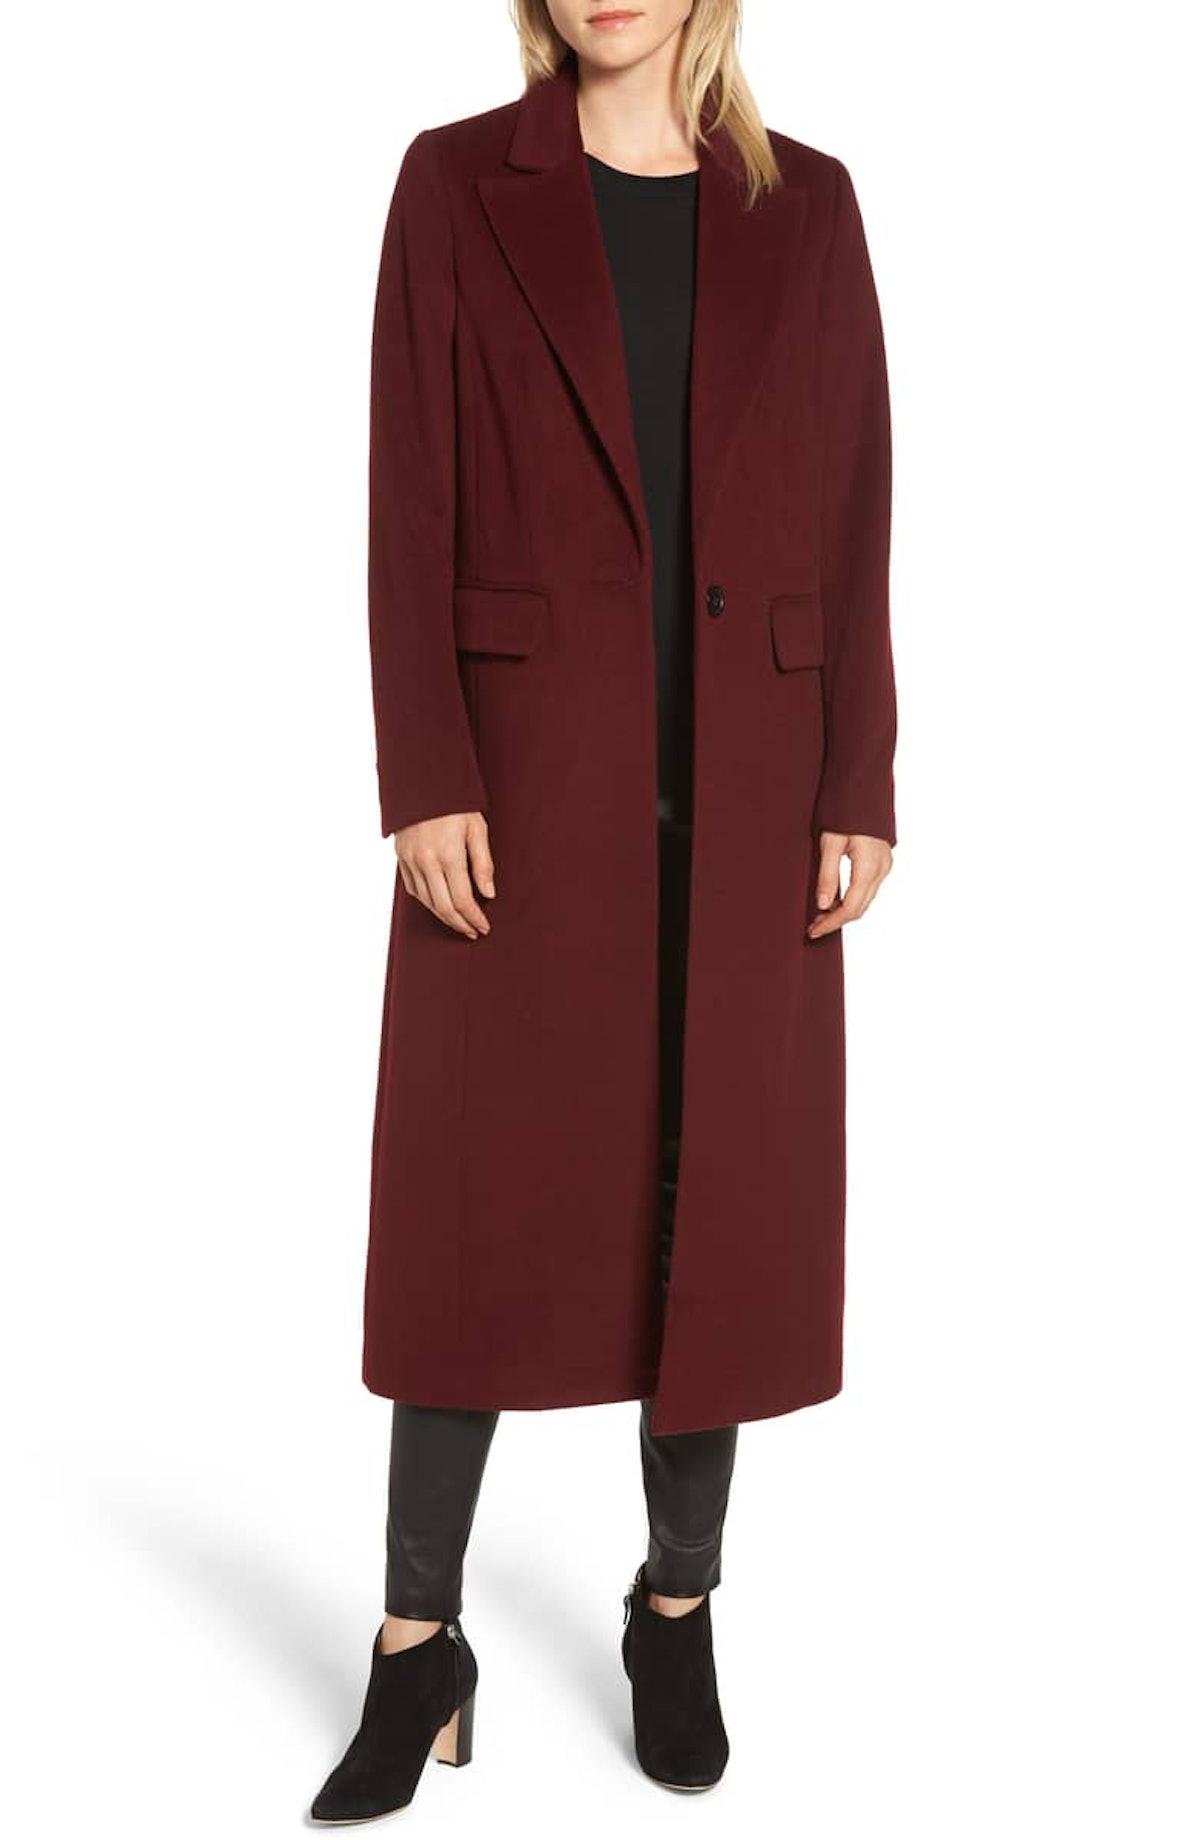 Wool Blend Menswear Coat